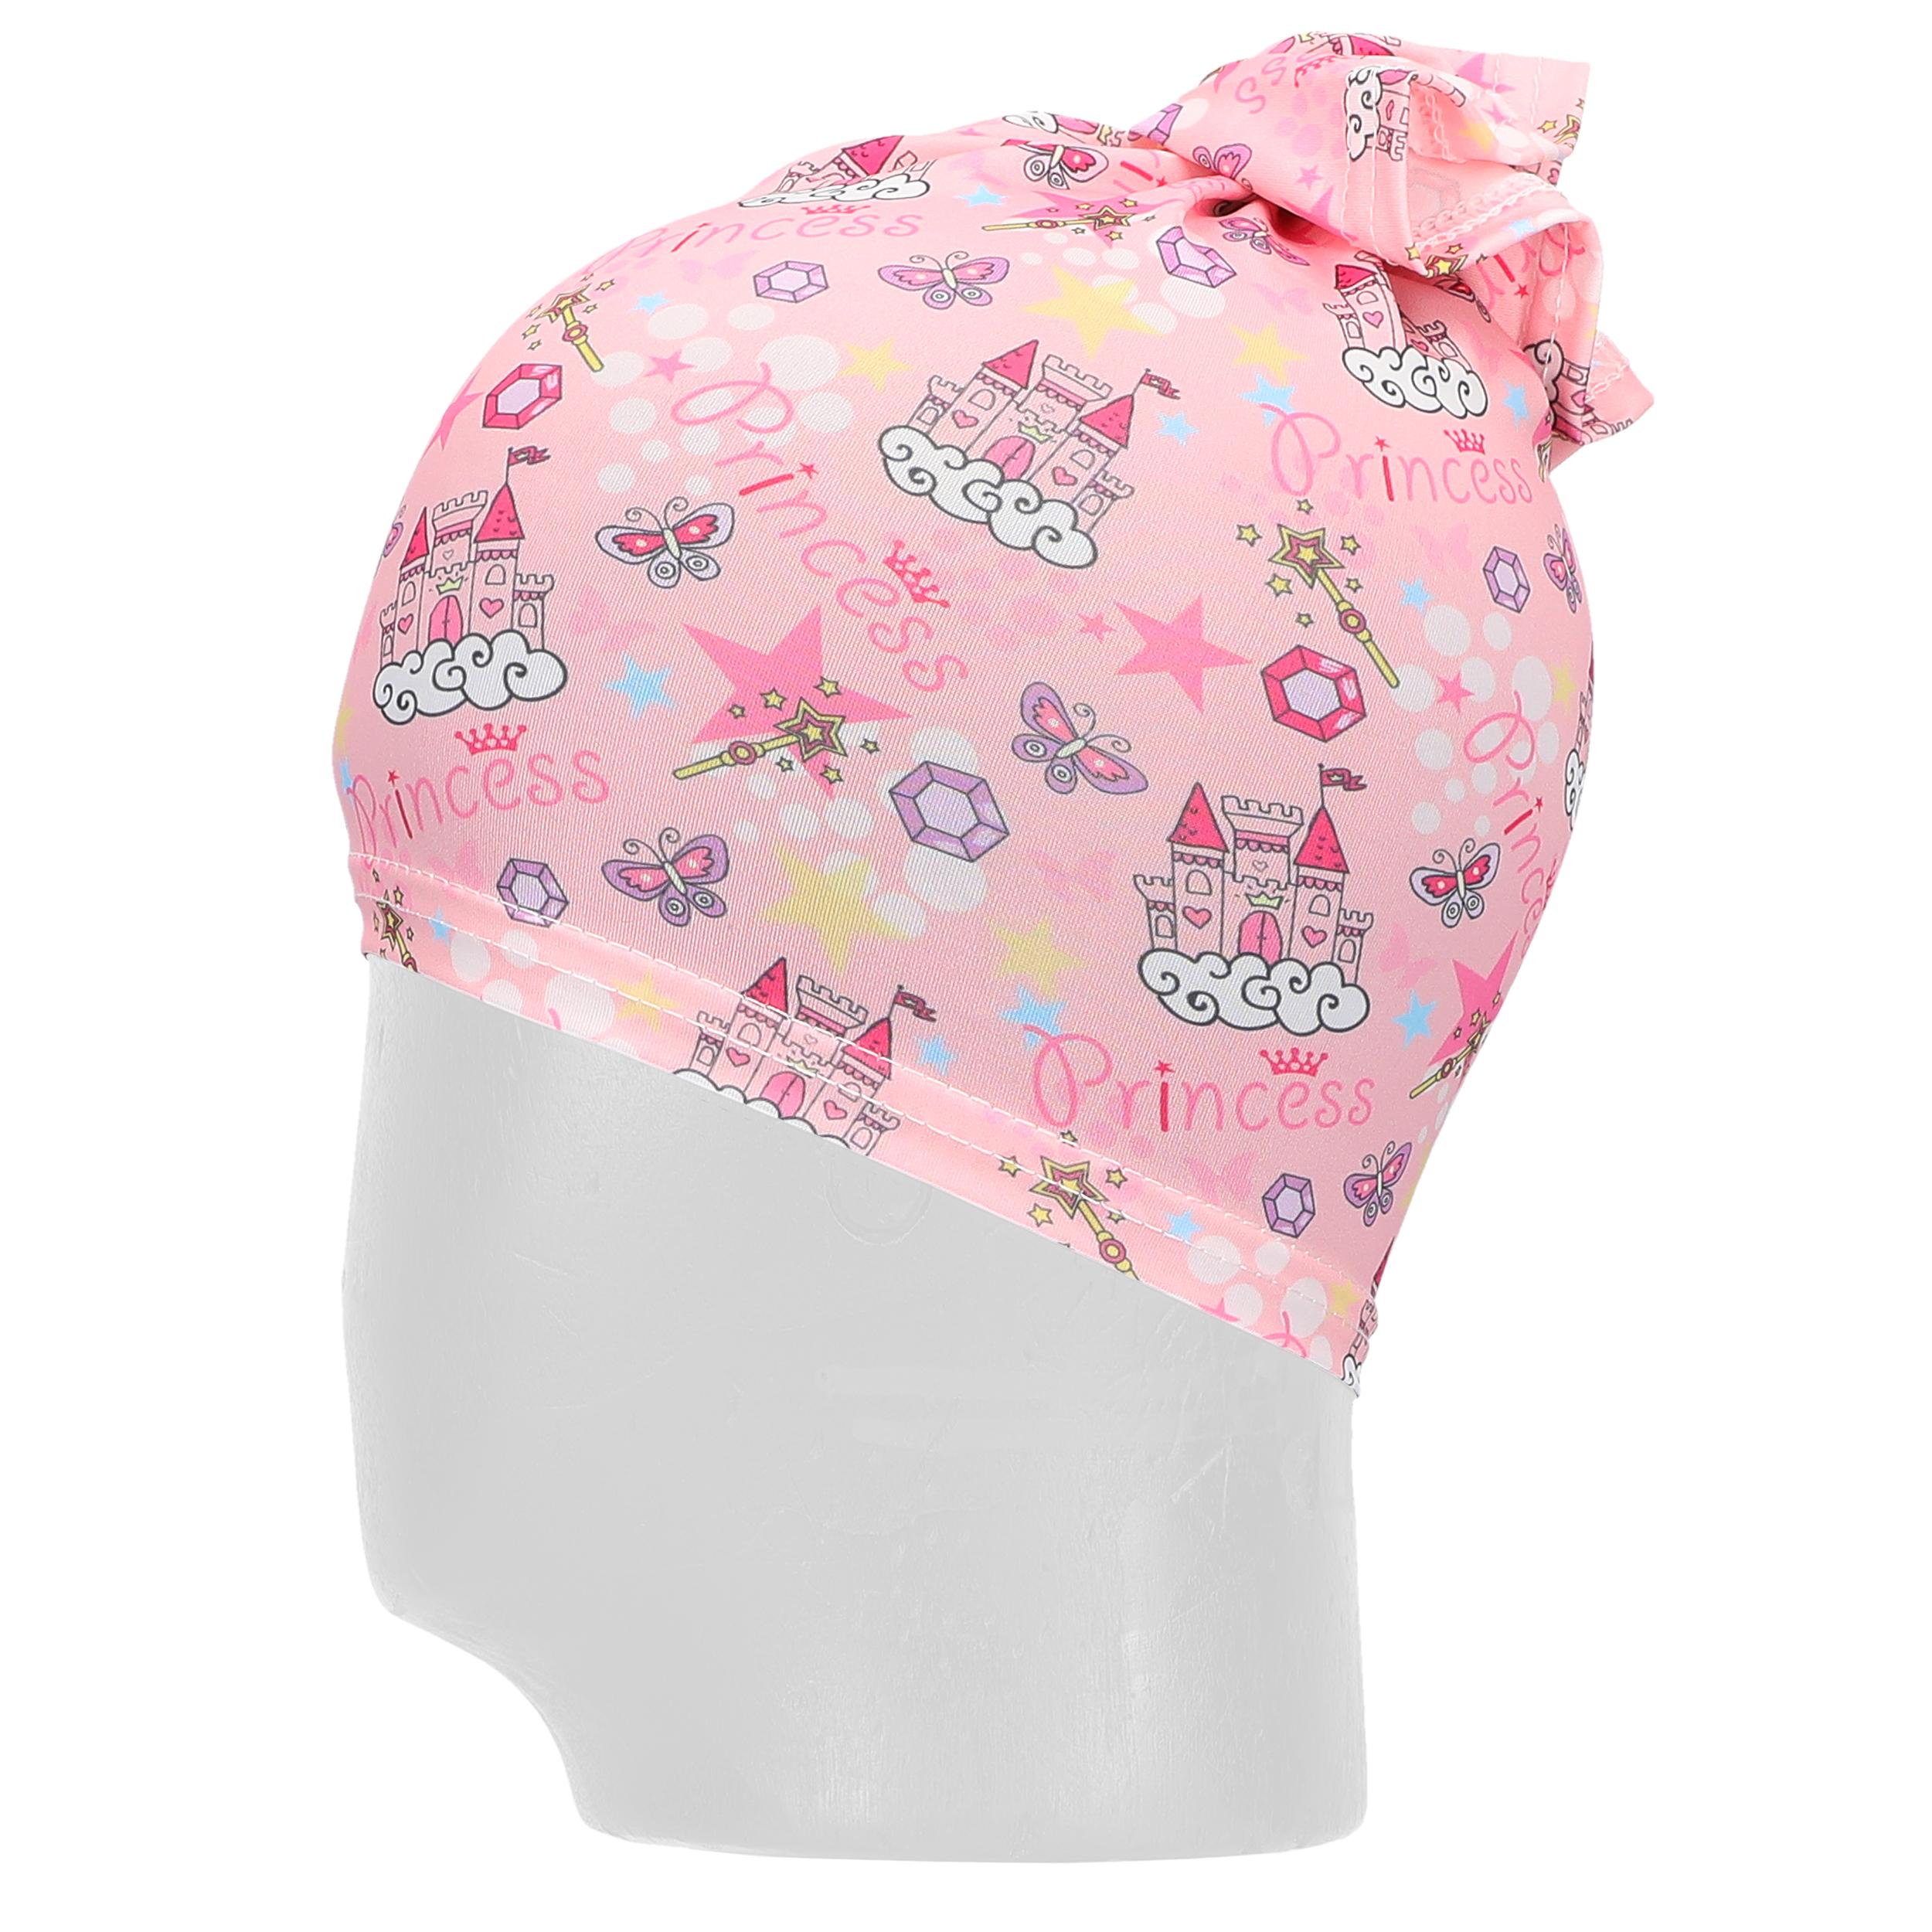 Indexbild 55 - Kinder Schlauchschal Maske Gesichtsmaske Mund Nase Bedeckung Halstuch waschbar